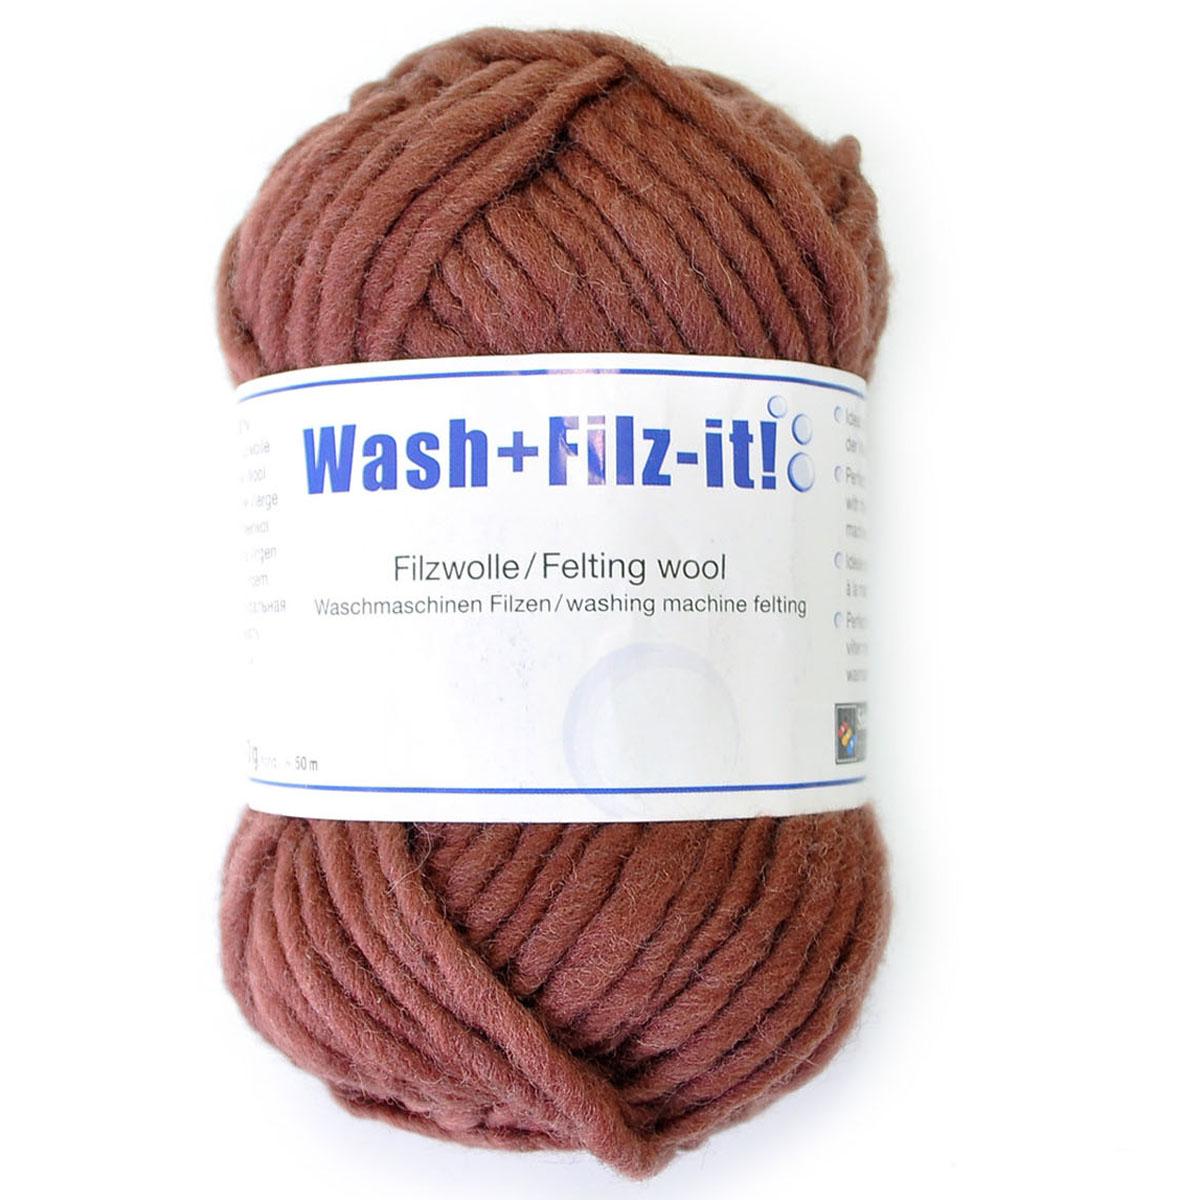 Пряжа для сваливания в стиральной машине Wash+Filz-it, цвет: chocolate (шоколадный) (00003), 50 м, 50 г9812942-00003Специальная пряжа Wash+Filz-it, выполненная из натуральной шерсти, предназначена для вязания на спицах и дальнейшего сваливания в стиральной машине. Придайте вашим идеям форму! С этой пряжей очень легко работать - свяжите и выстирайте в стиральной машине при температуре 60°С. Внимание! Ваше связанное изделие после стирки уменьшится на 30%. Валяние шерсти - это особая техника рукоделия, в процессе которой из шерсти для валяния создается рисунок на ткани или войлоке, объемные игрушки, панно, декоративные элементы, предметы одежды или аксессуары. Только натуральная шерсть обладает способностью сваливаться или свойлачиваться.